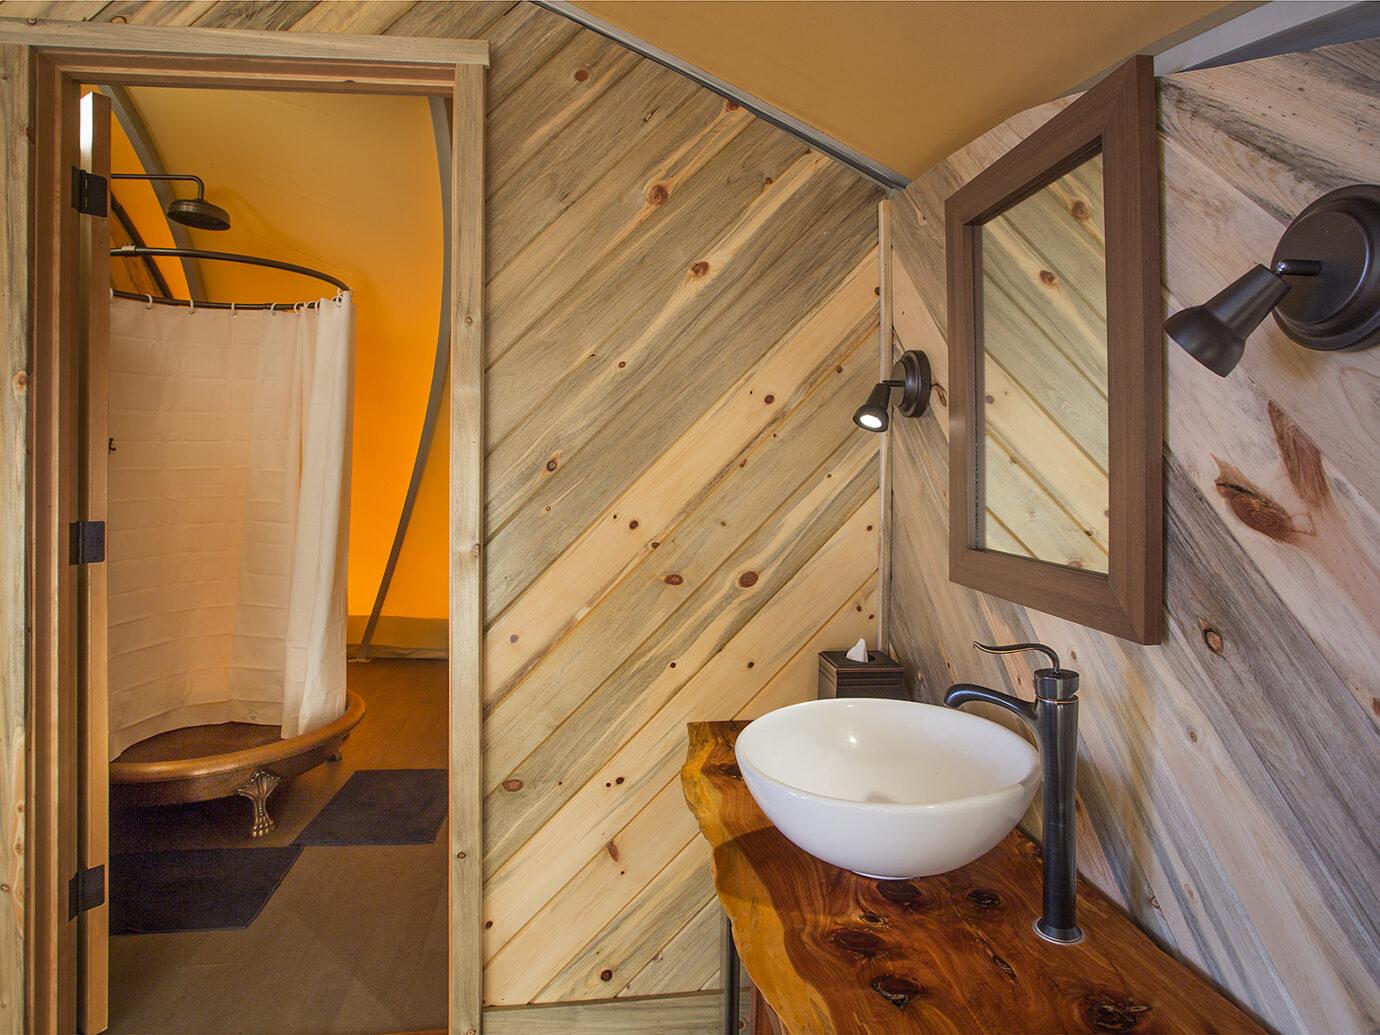 Bathroom at a tent at Treebones Resort